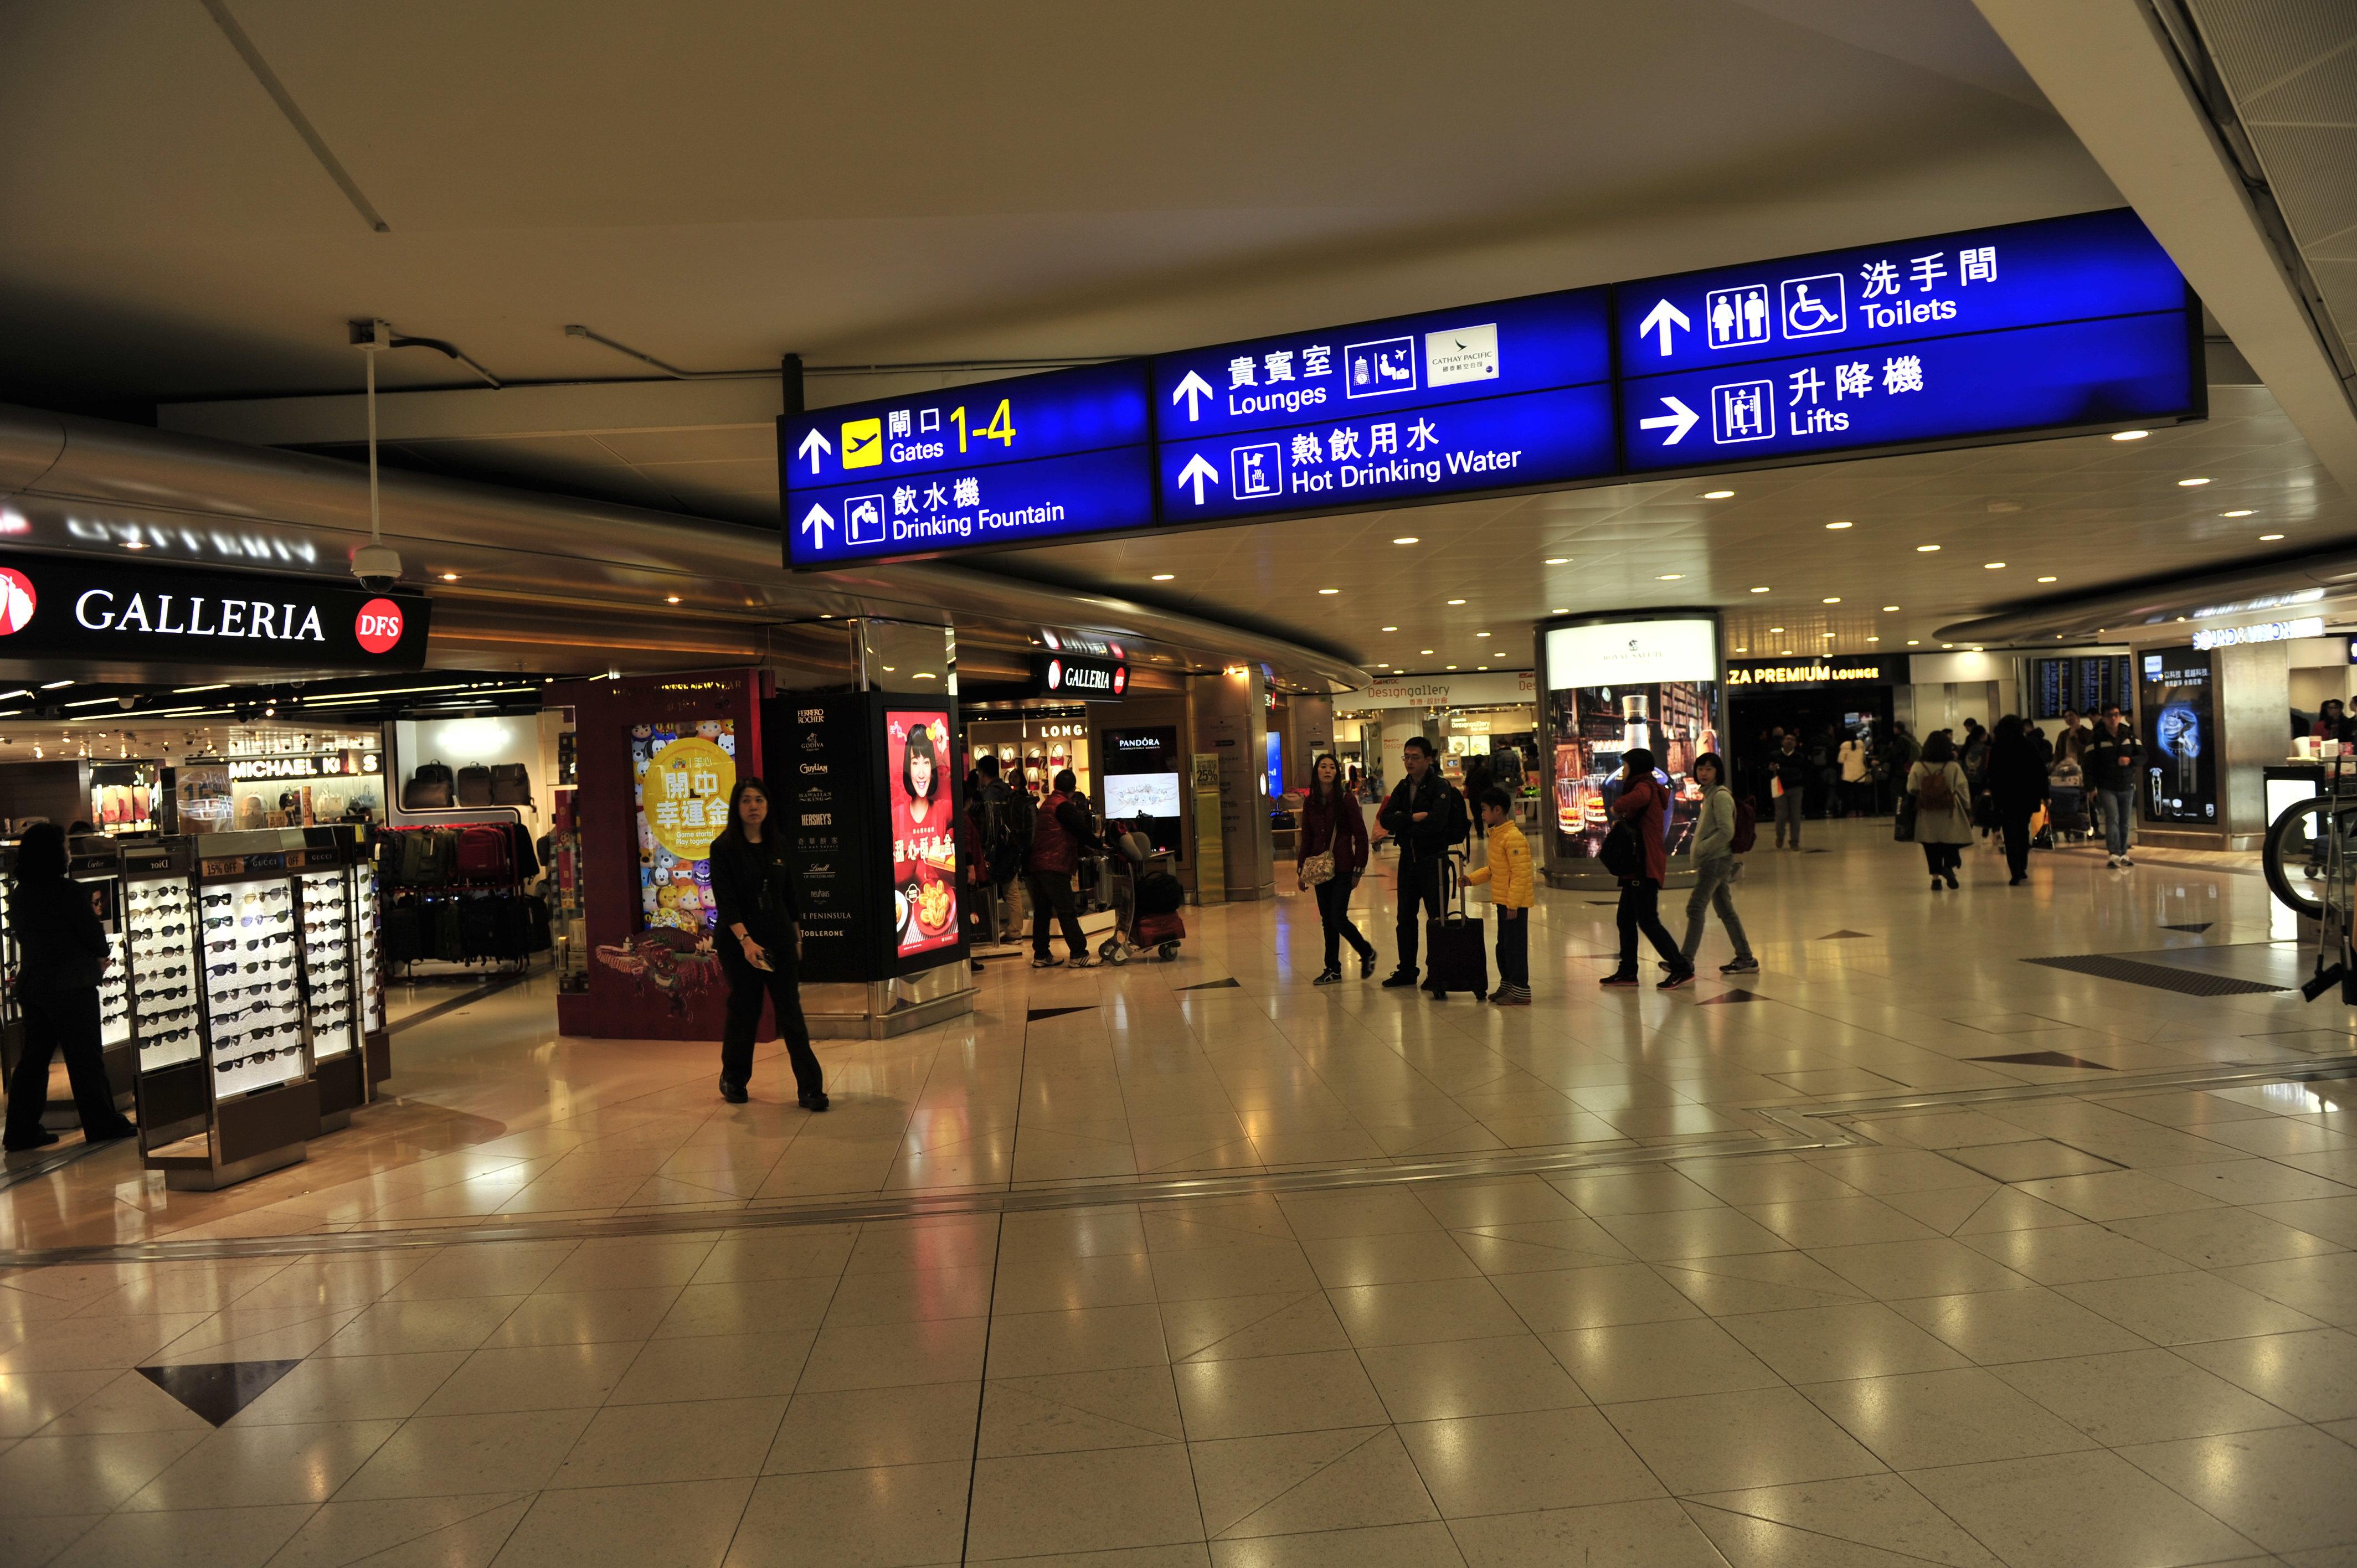 香港机场免税店和新加坡机场免税店的东西那个便宜